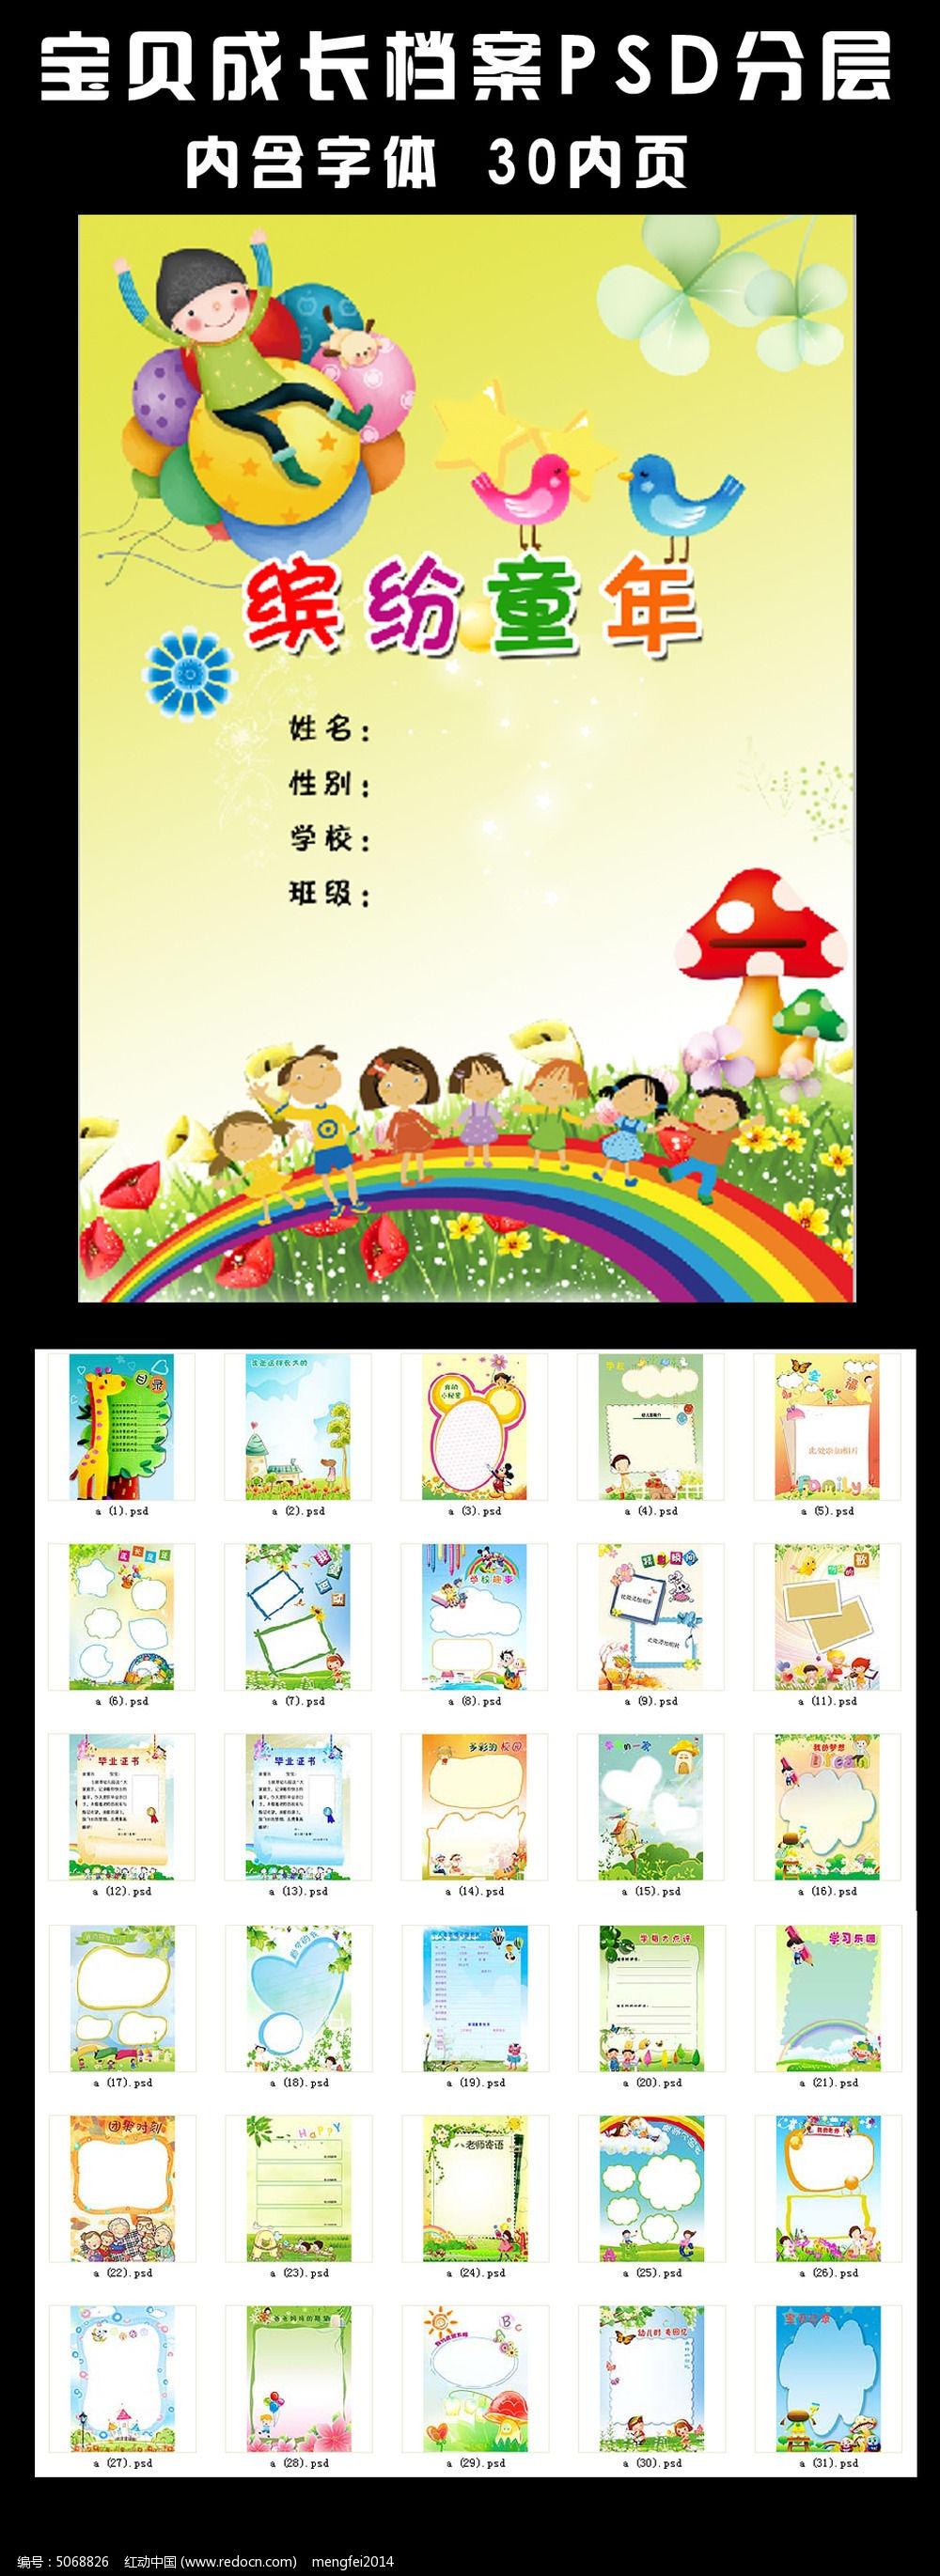 儿童成长档案缤纷童年成长记录宣传册设计图片